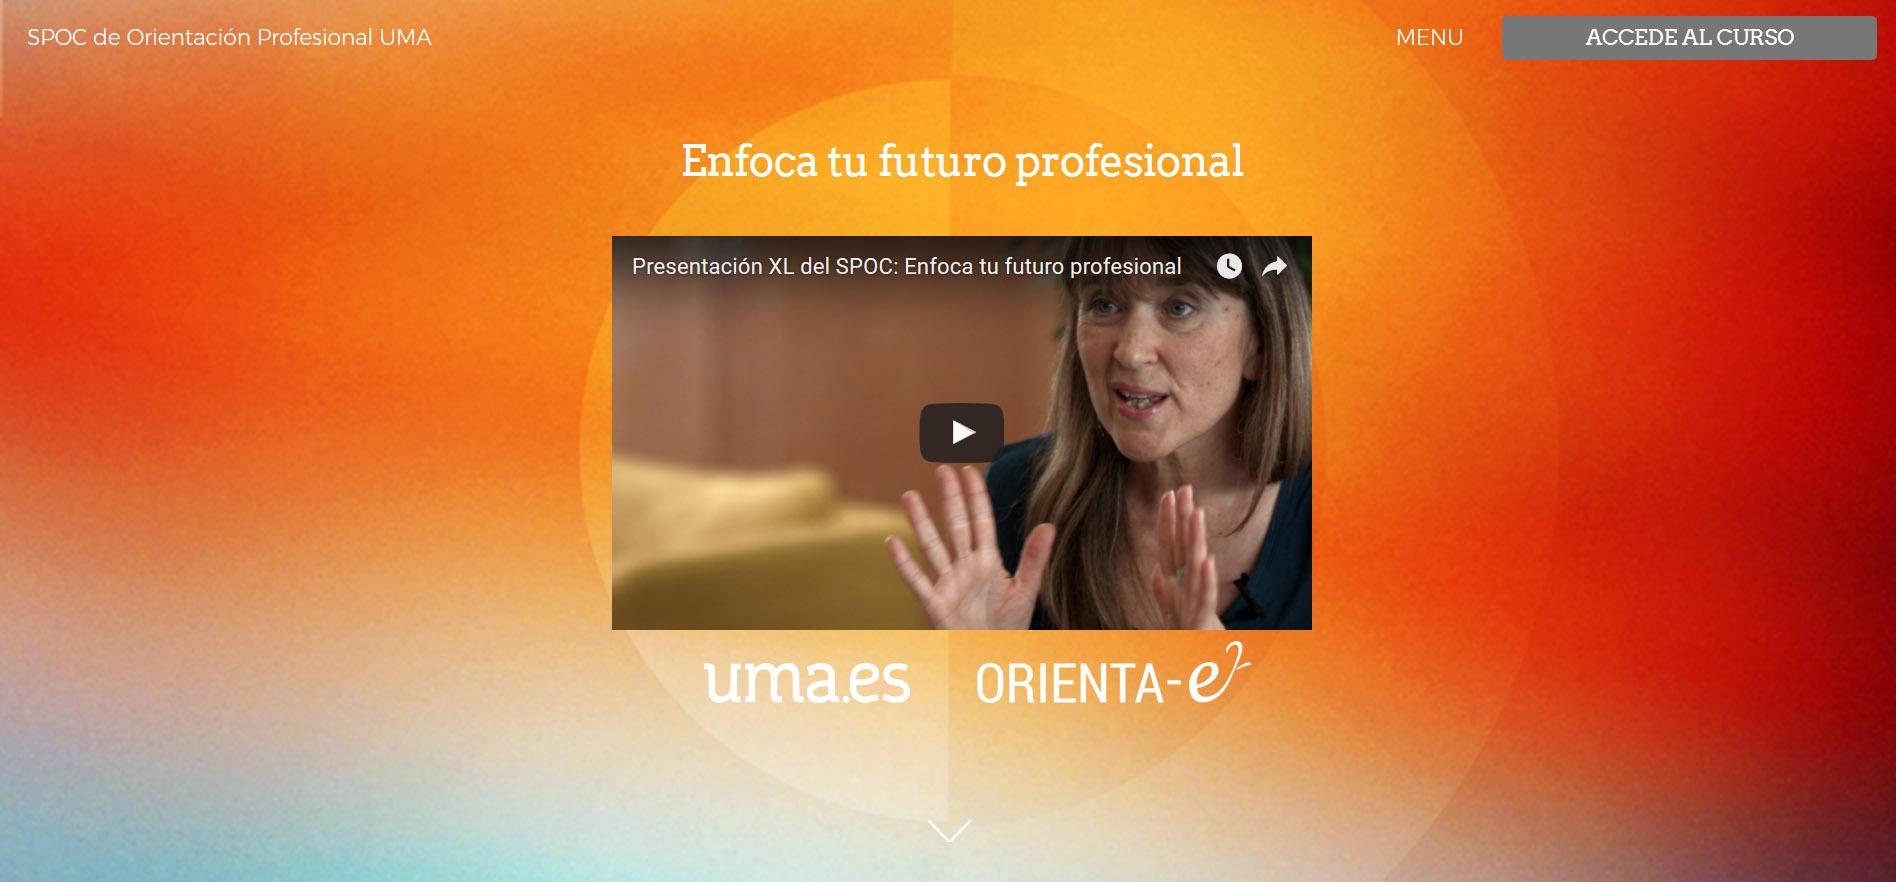 Estamos de estreno: curso SPOC de Orientación Profesional para estudiantes de la Universidad de Málaga